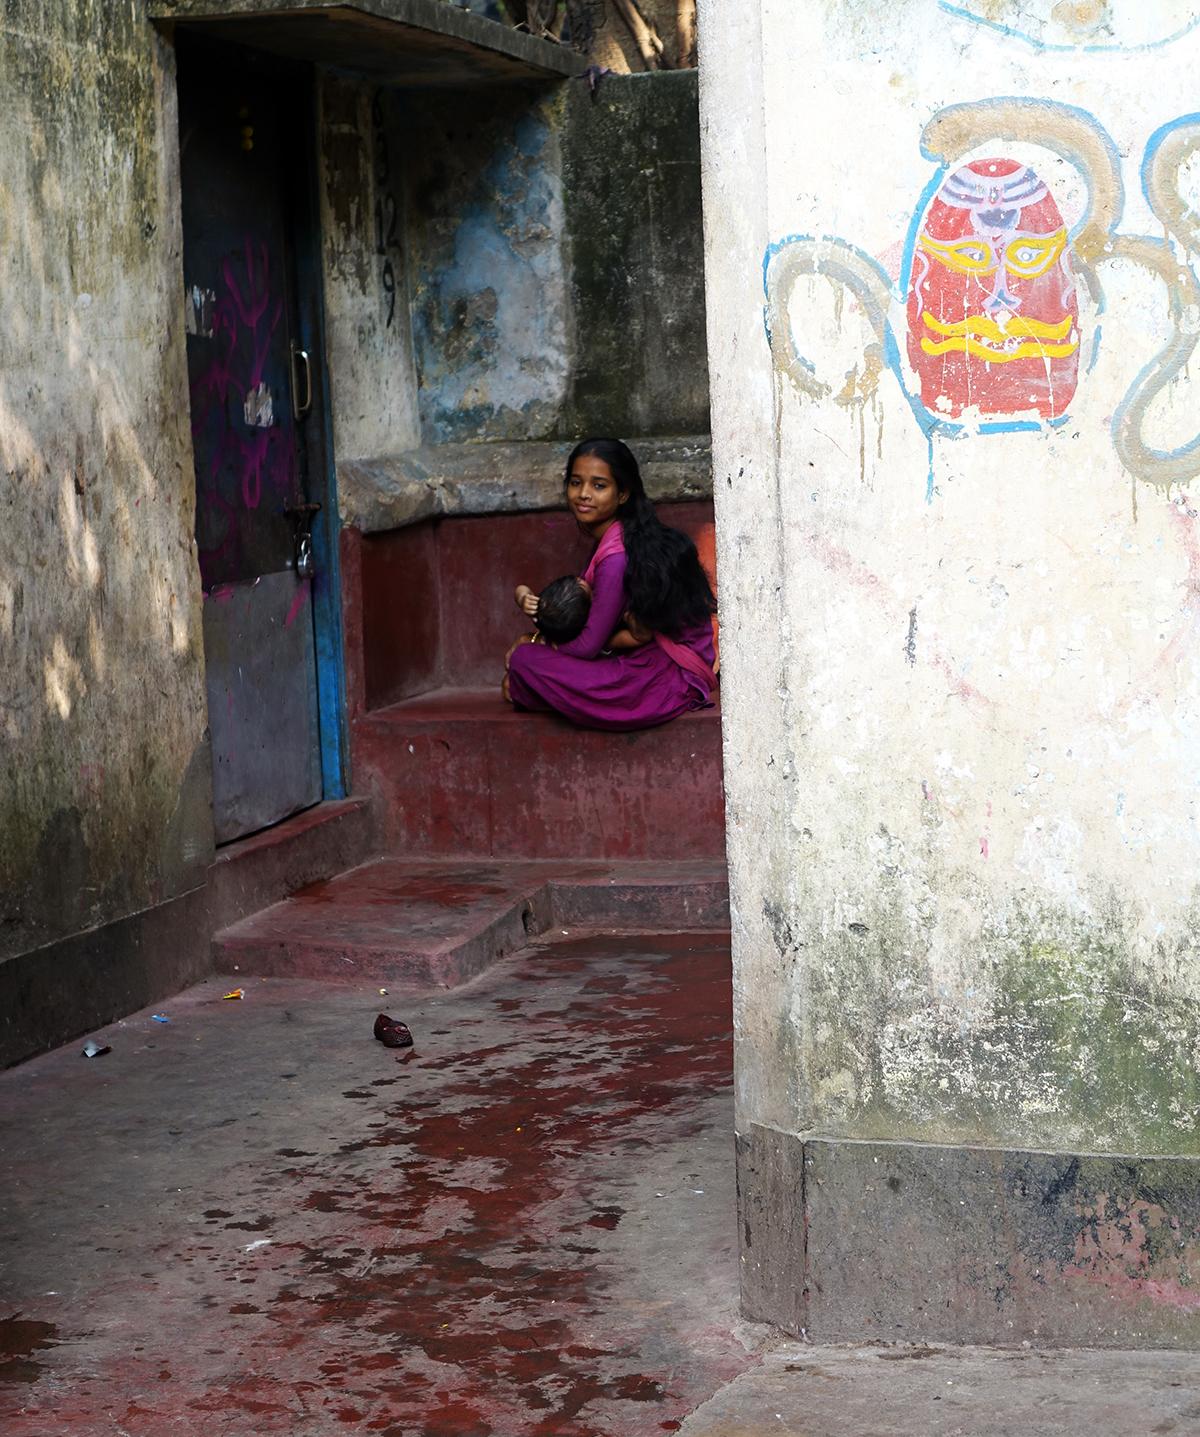 Dominique_De_Miscault_6 DE MISCAULT Dominique Kolkata .jpeg